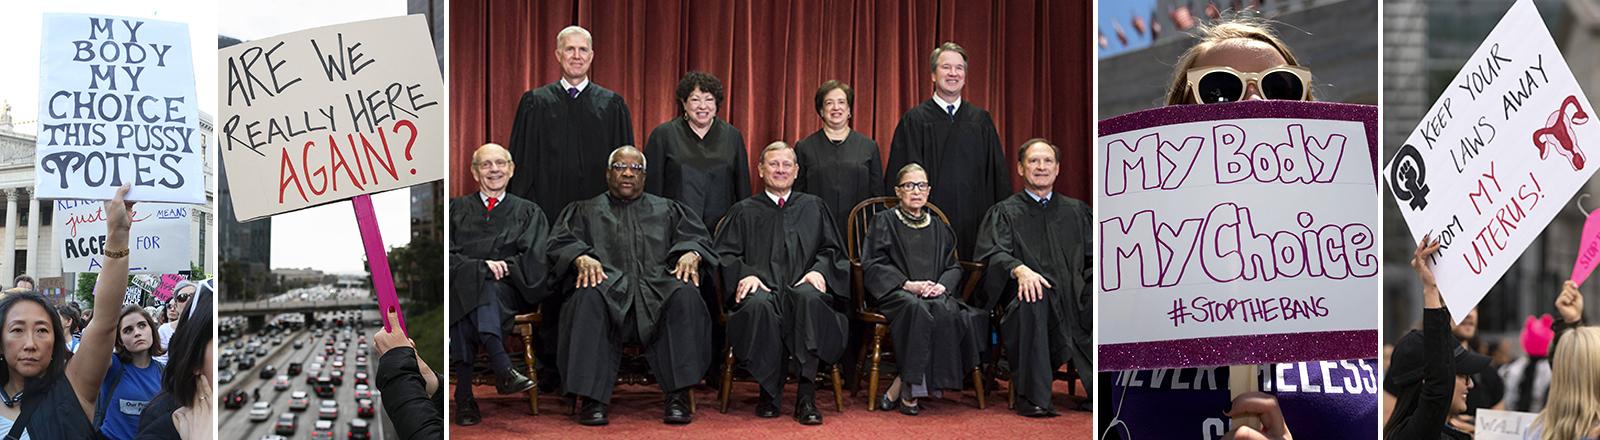 Demonstrierende Abtreibungsgegnerinnen mit einem Plakat und die Mitglieder des US-amerikanischen Supreme Courts.